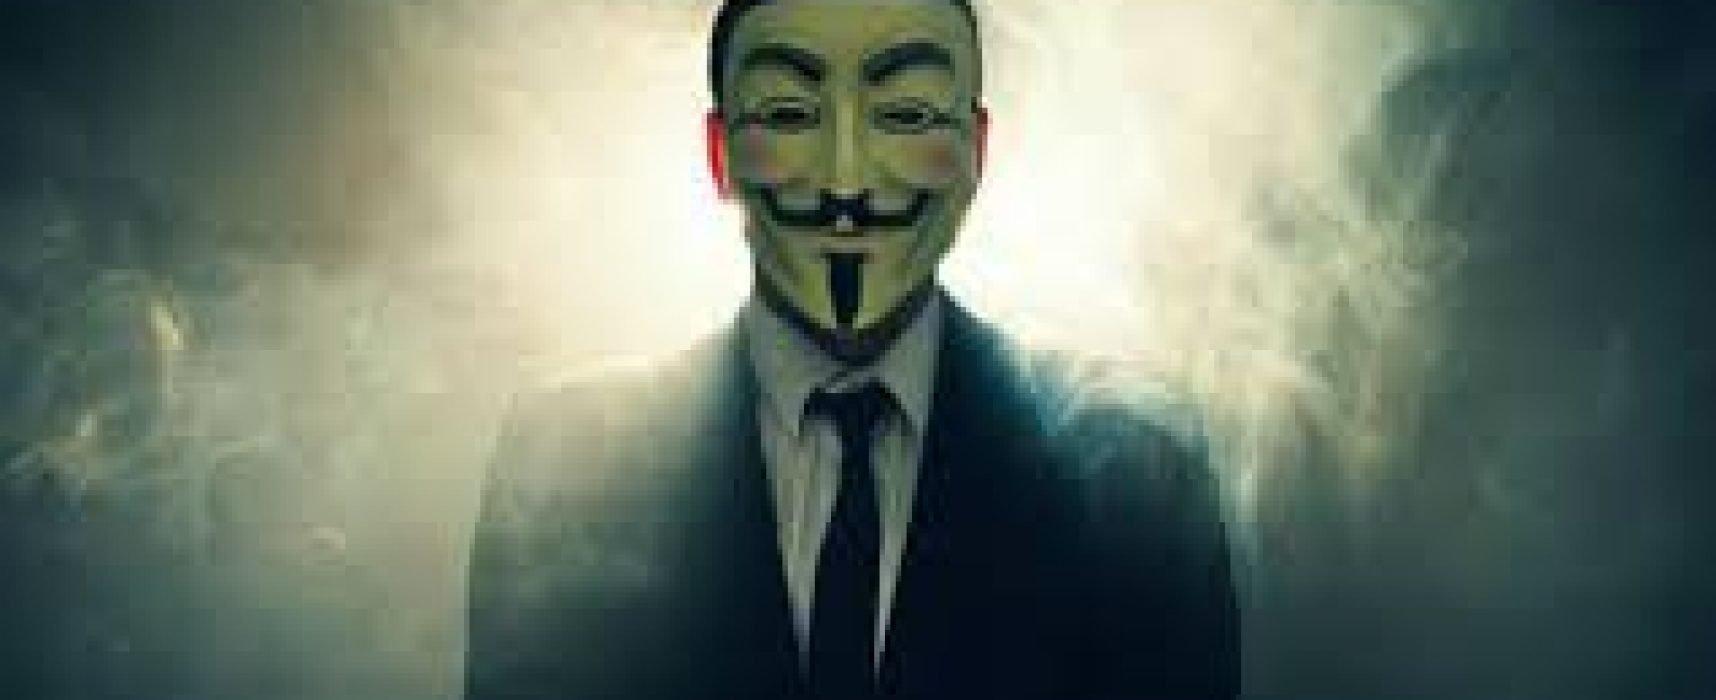 Контролировать анонимайзеры в России будут ФСБ и МВД